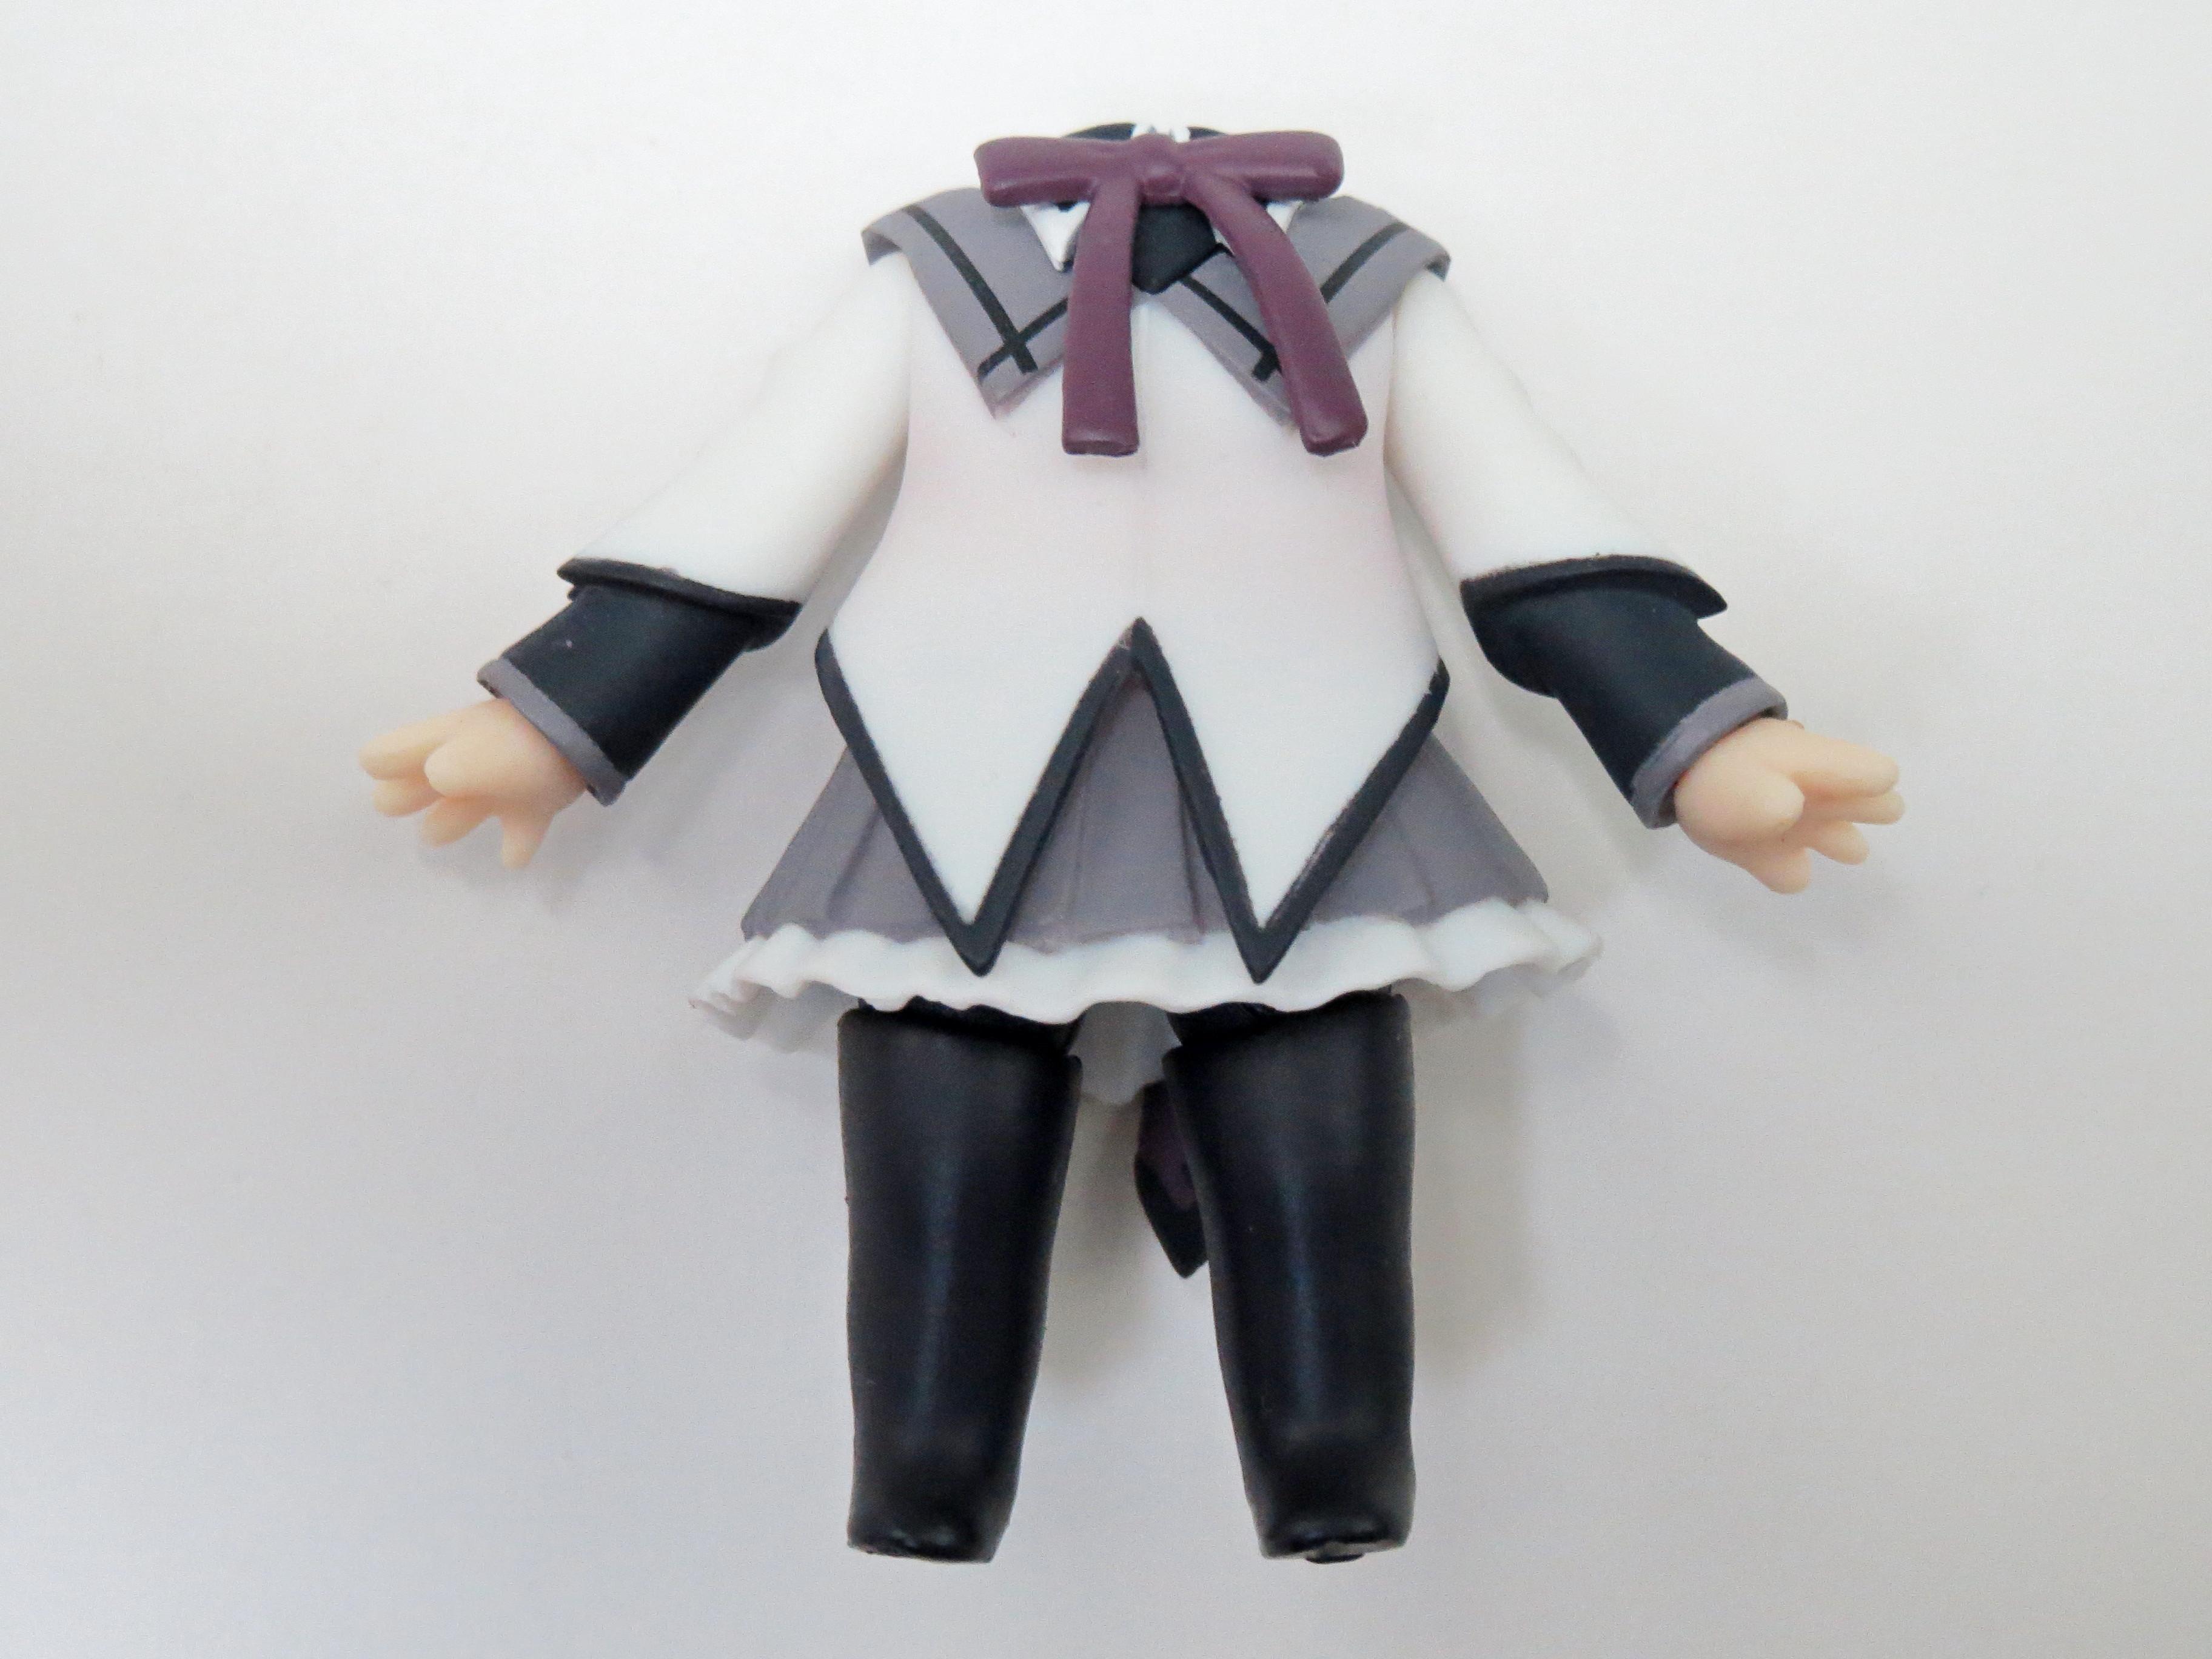 再入荷【182】 暁美ほむら 体パーツ 魔法少女の服 ねんどろいど